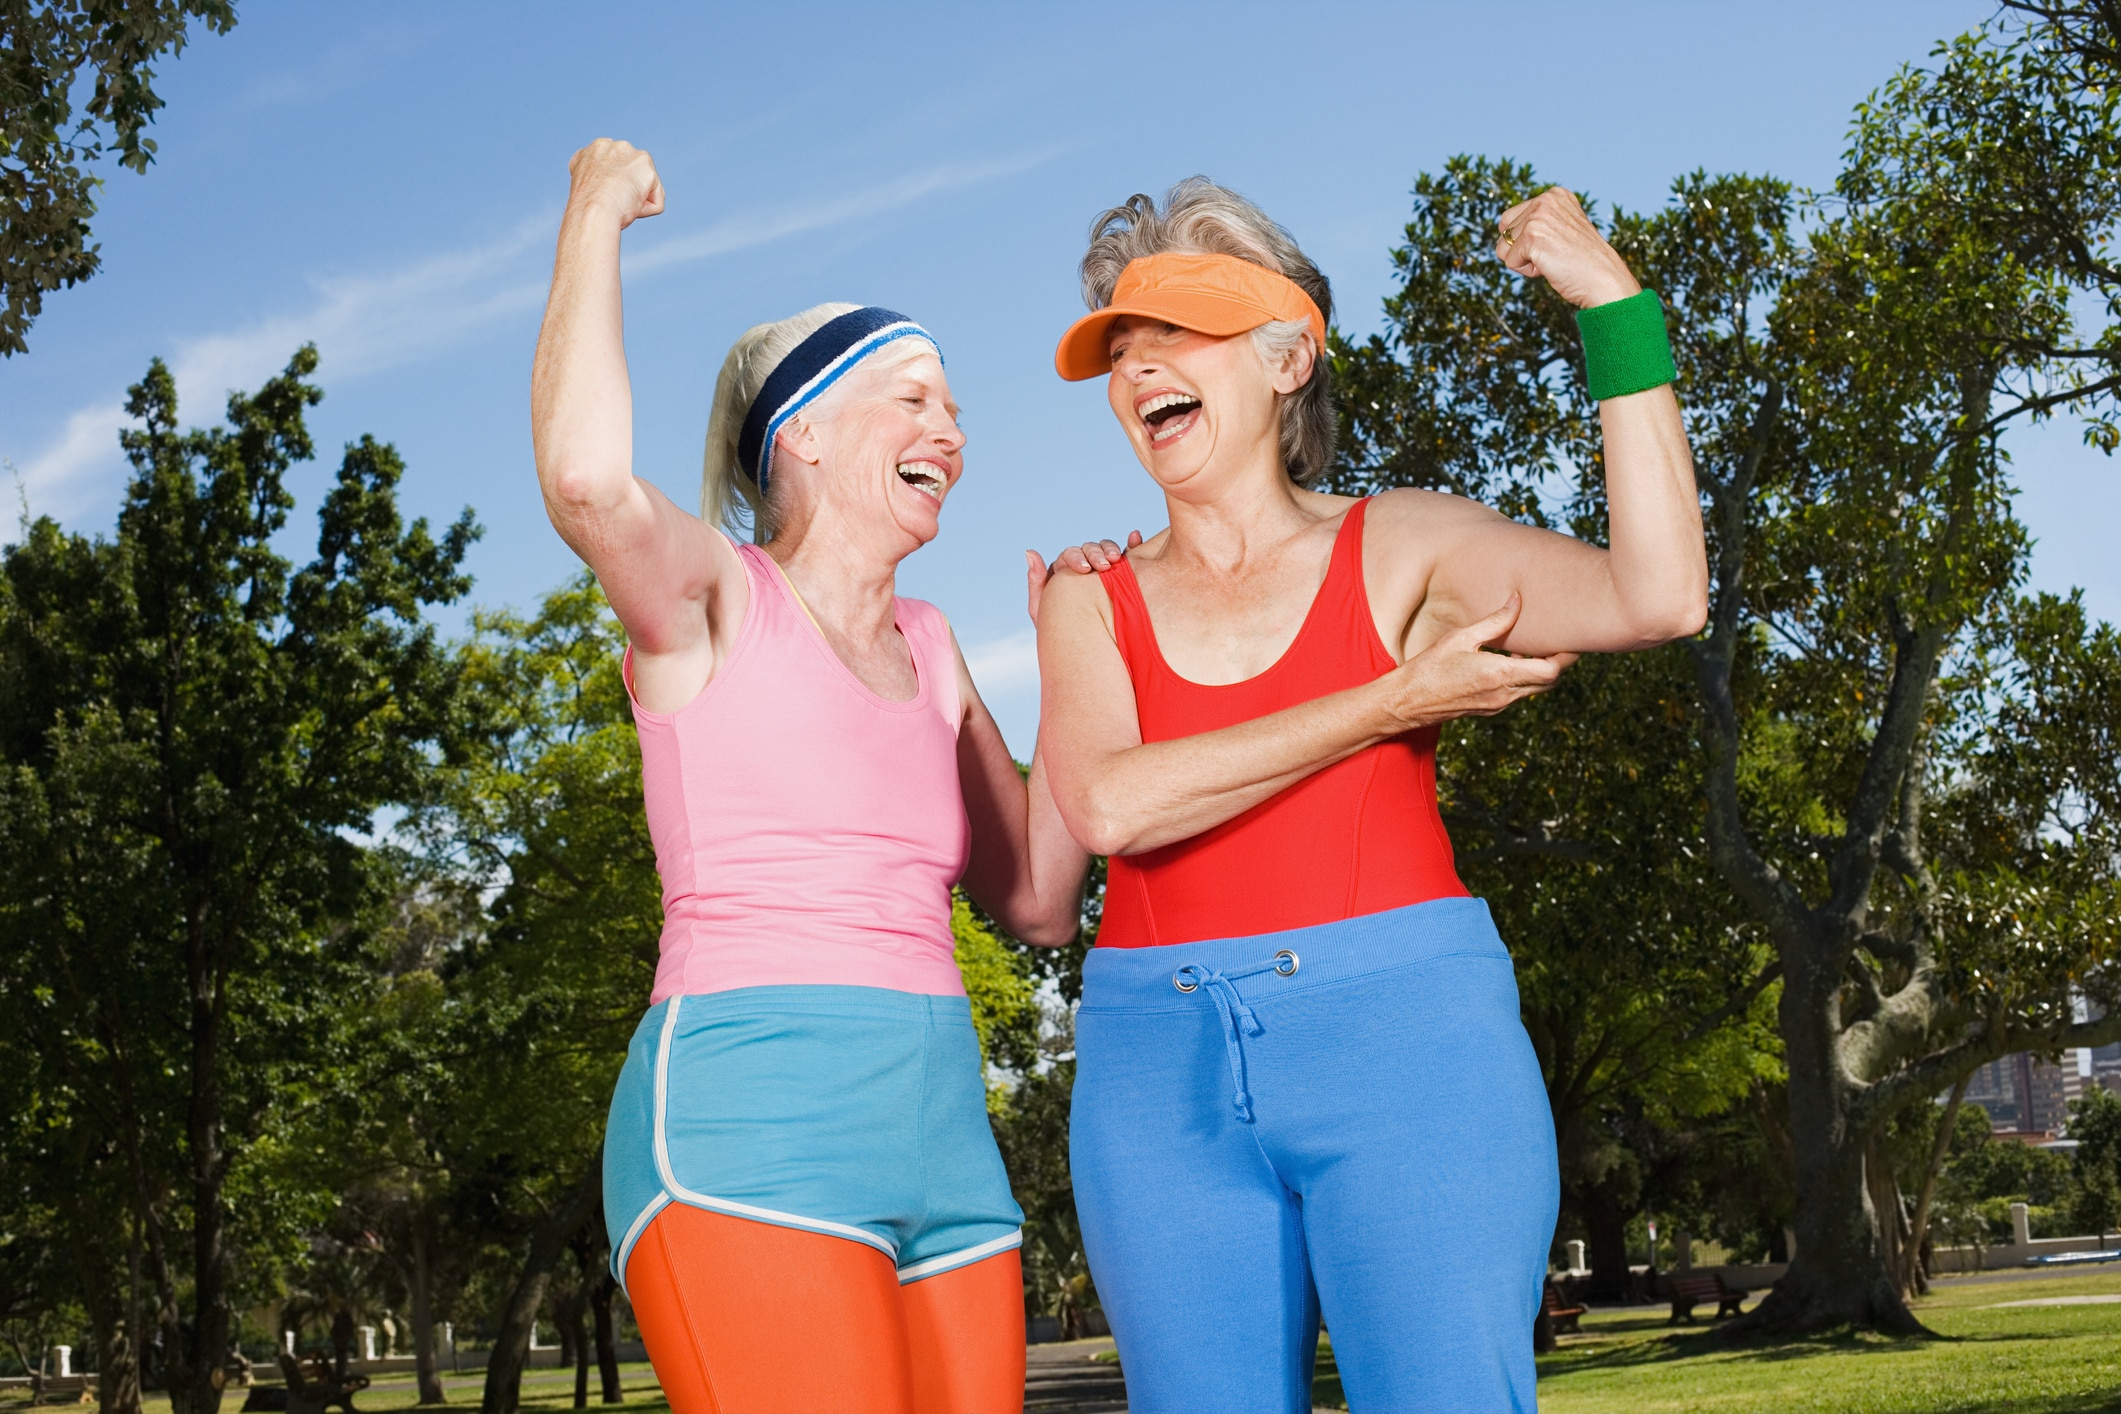 Regelmäßiges Laufen verdoppelt die Chance, 85 zu werden